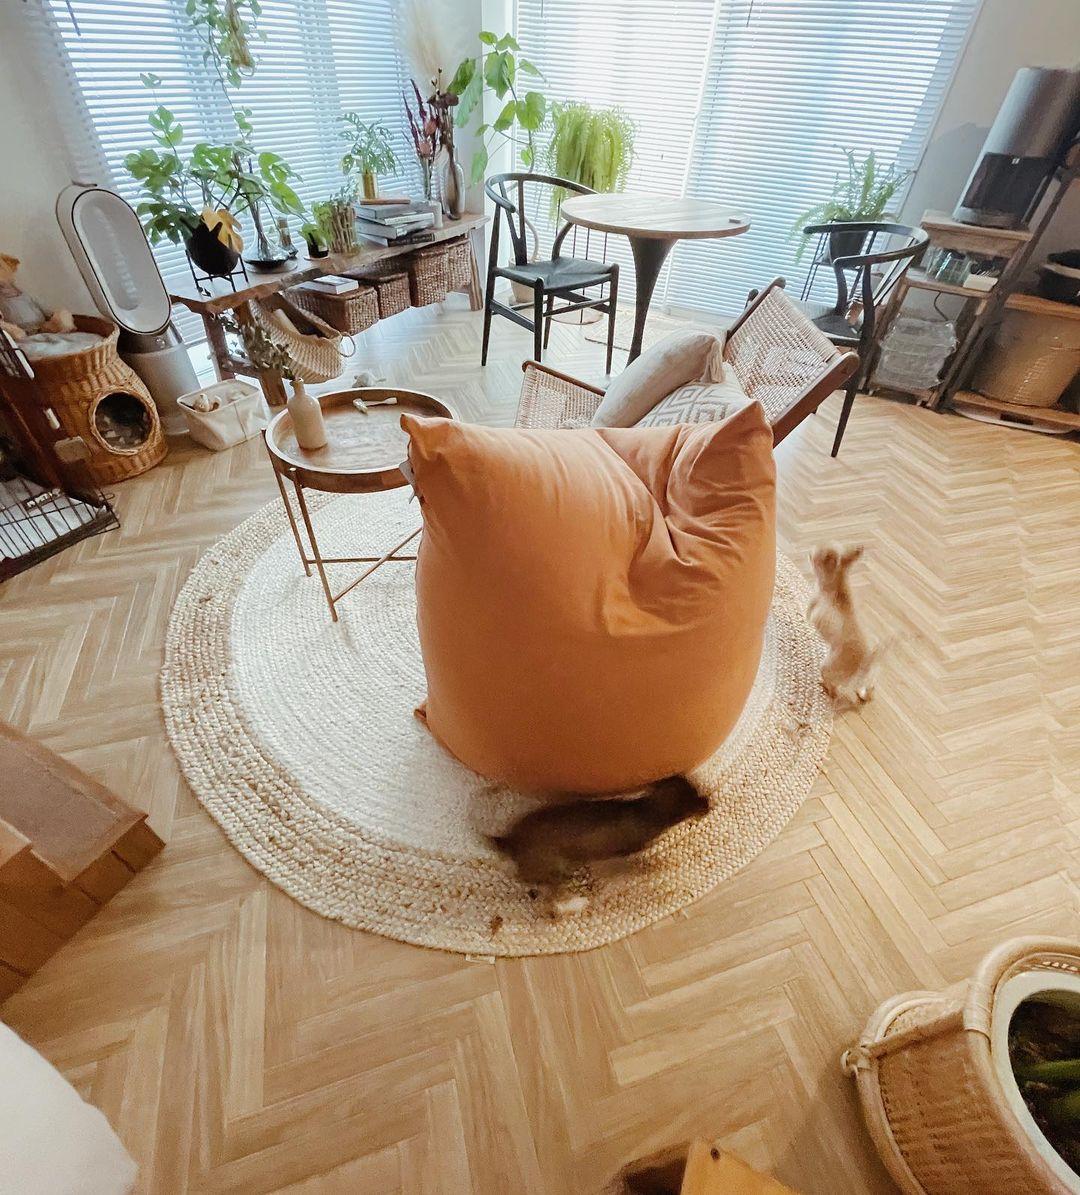 ちょっとしたDIYが好き、とお話してくださったのは広々としたワンルームにお住まいの方。ヘリンボーンの床もご自身で貼り替えたそう。ワンちゃんも歩きやすい素材のようです。